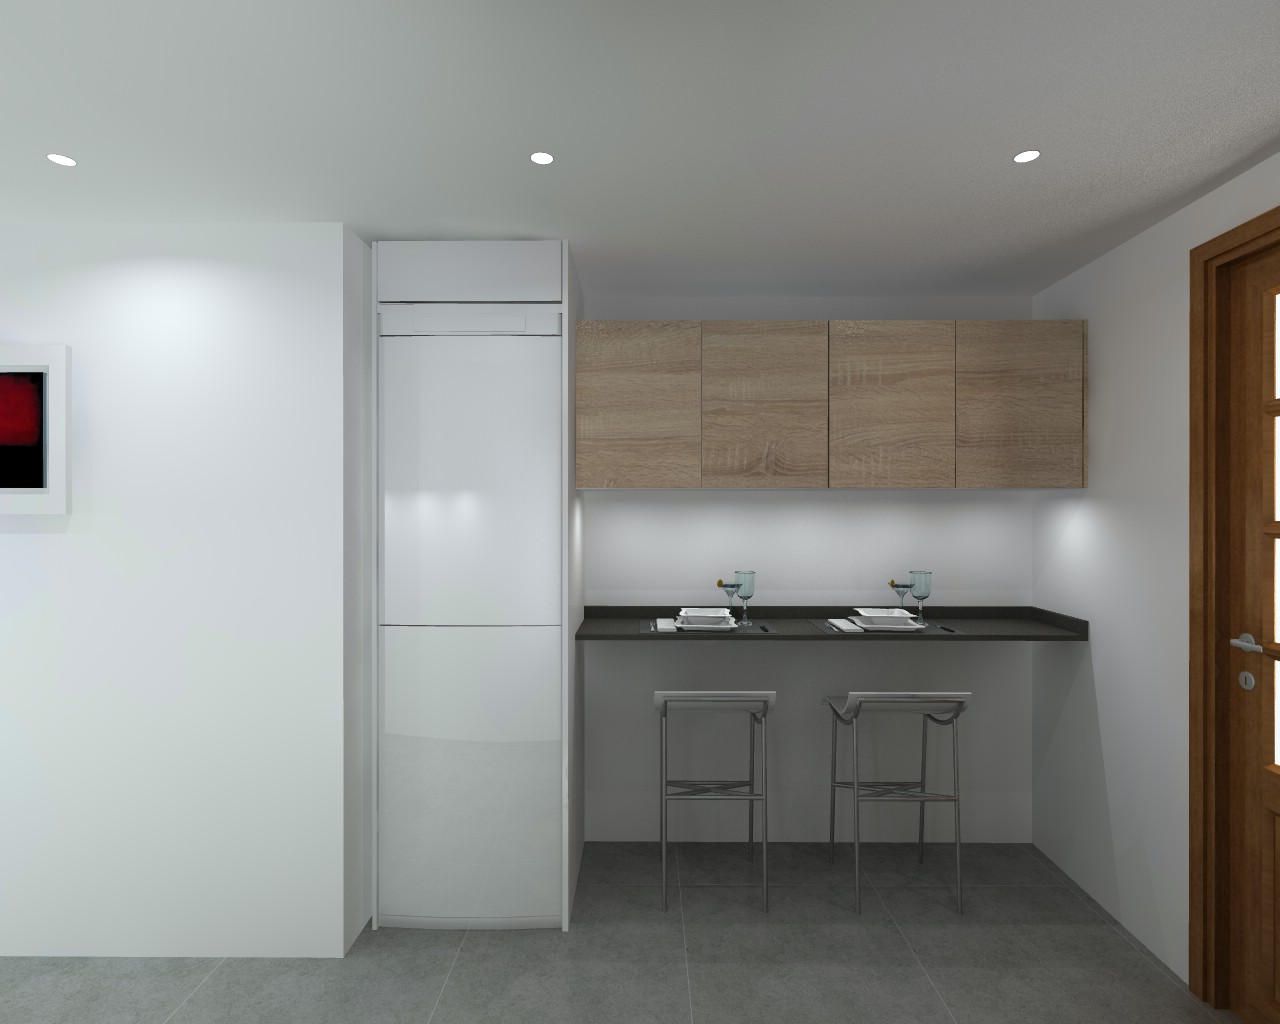 Mi casa decoracion mueble para lavabo sobre encimera - Encimera cocina precio ...